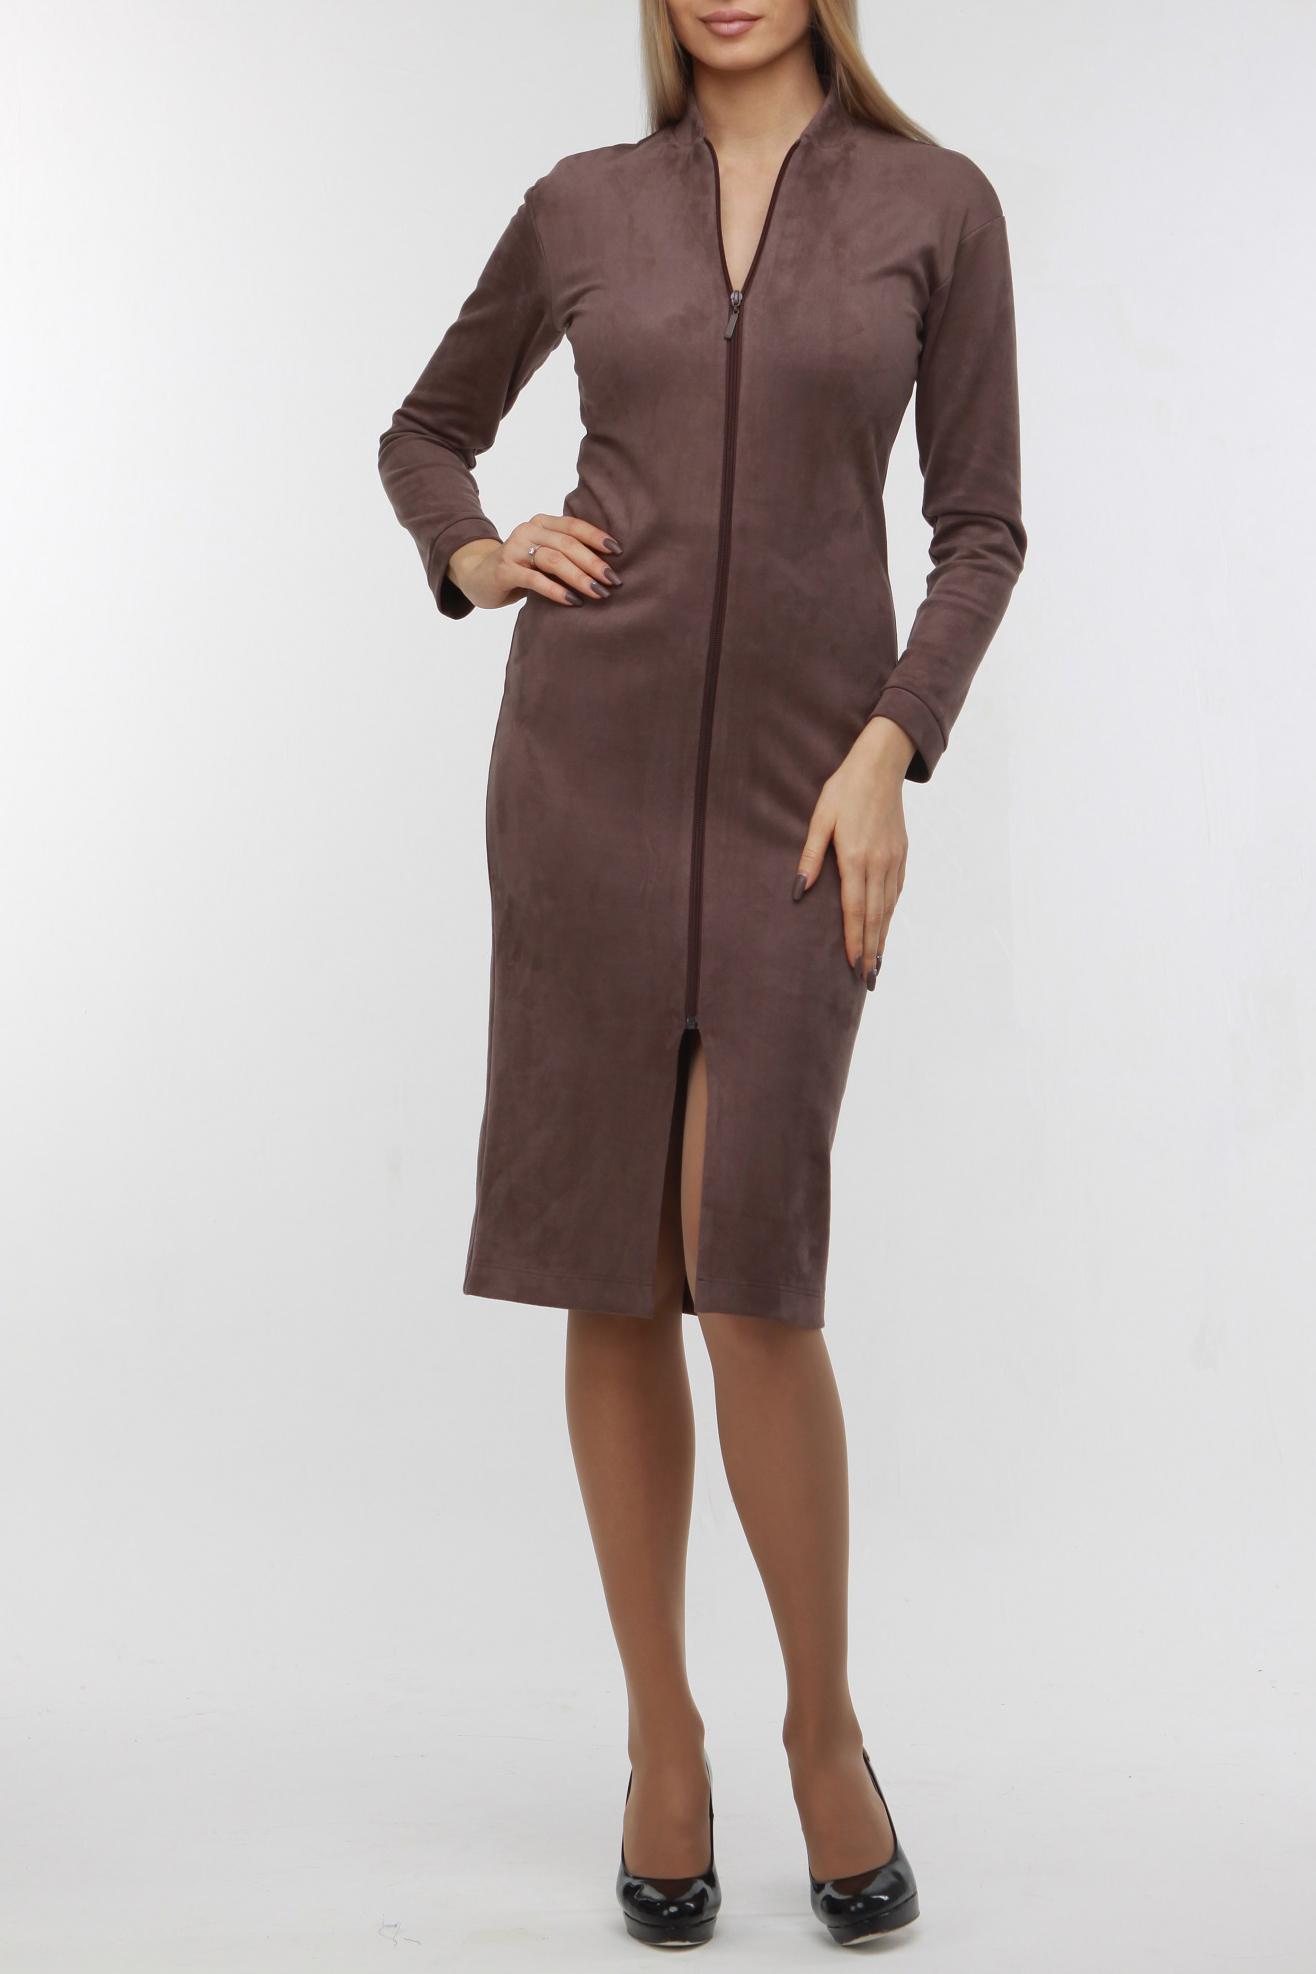 ПлатьеПлатья<br>Эффектное платье приталенного силуэта с застежкой молнией. Модель выполнена из мягкой замши. Отличный выбор для повседневного гардероба.  В изделии исползованы цвета: коричневый  Рост девушки-фотомодели 176 см.<br><br>Горловина: V- горловина<br>По длине: Ниже колена<br>По материалу: Замша<br>По рисунку: Однотонные<br>По сезону: Осень,Зима<br>По силуэту: Приталенные<br>По стилю: Кэжуал,Офисный стиль,Повседневный стиль<br>По форме: Платье - футляр<br>По элементам: С молнией<br>Рукав: Длинный рукав<br>Размер : 48<br>Материал: Замша<br>Количество в наличии: 1